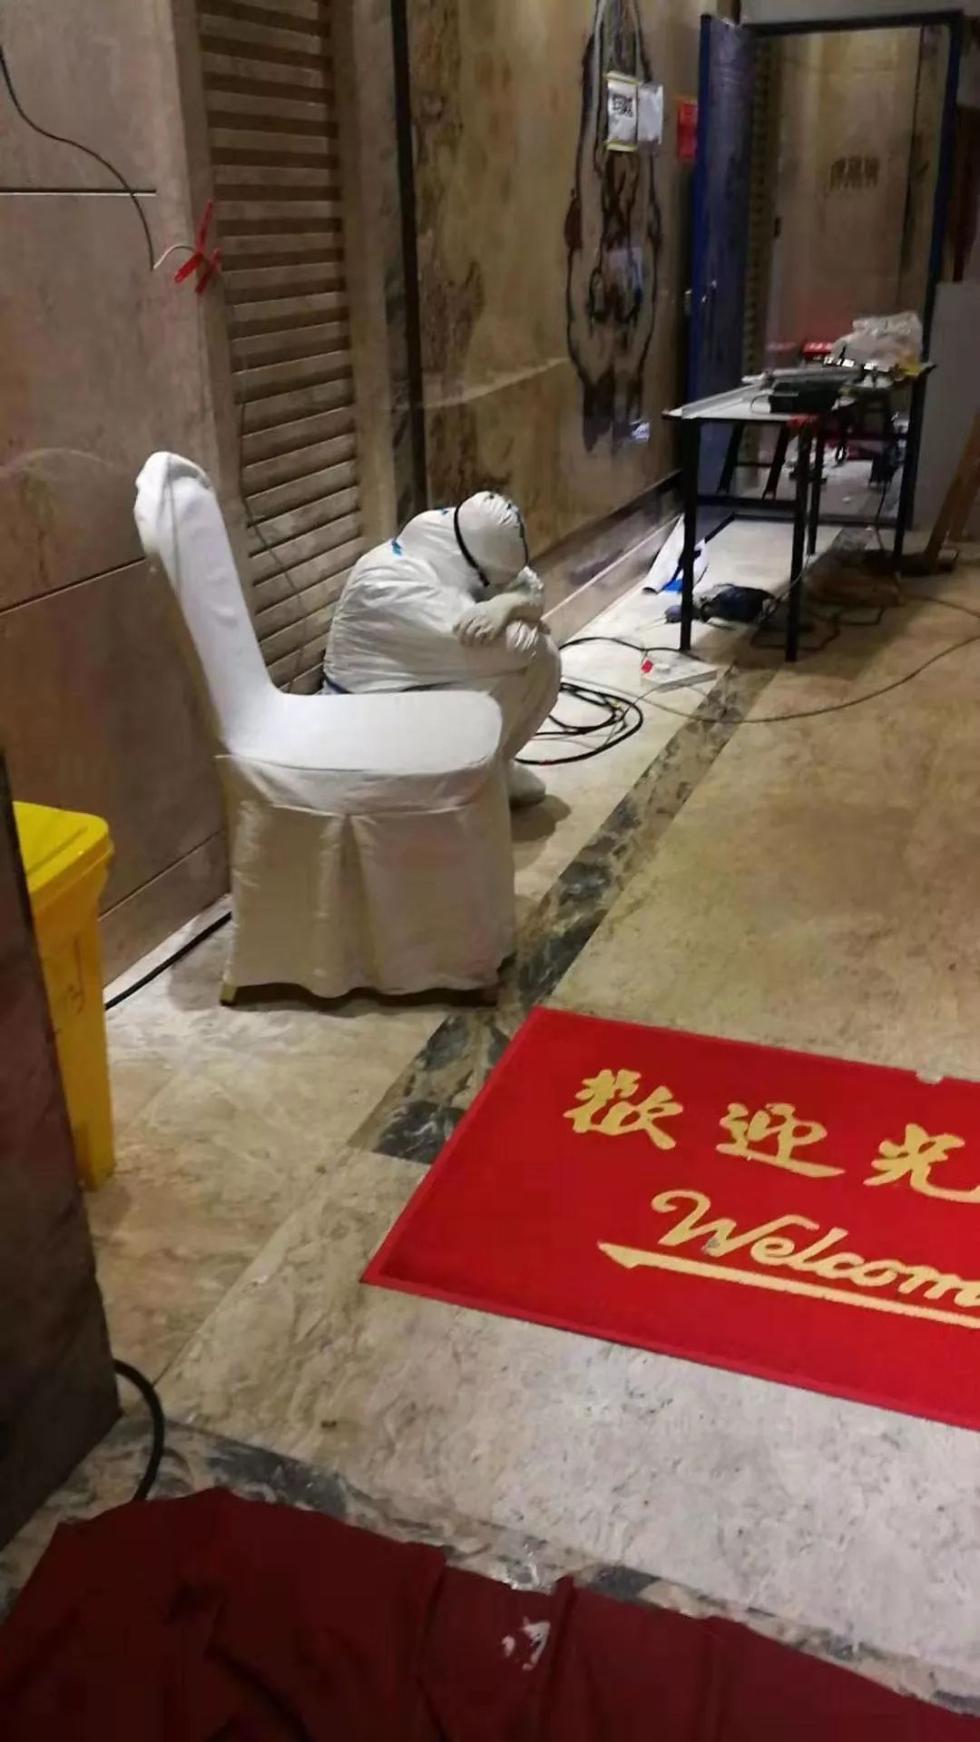 武汉最早集中隔离点,昨天送走最后一位解除隔离者